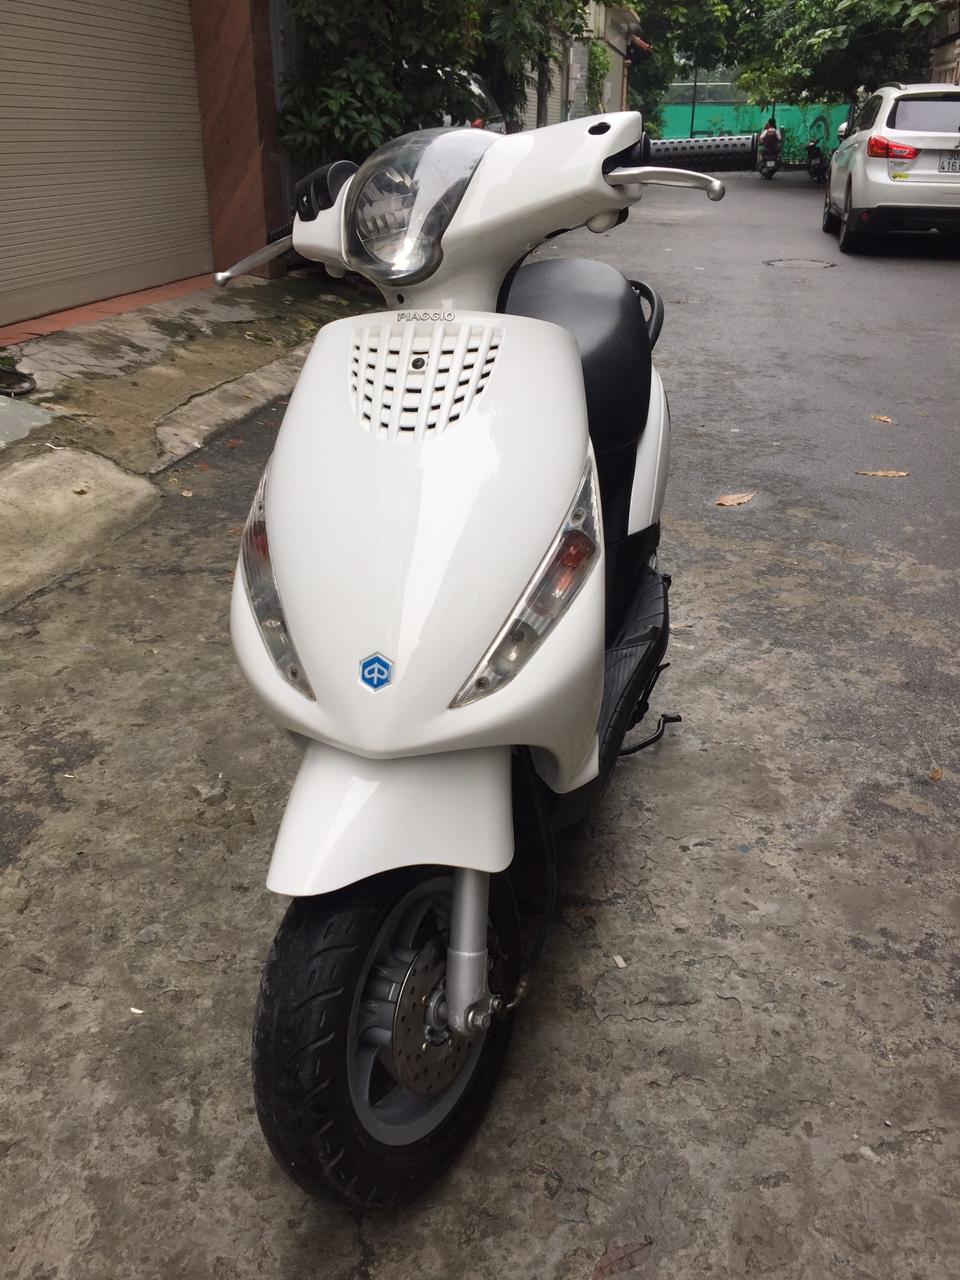 Ban Piaggio Zip viet 2015 khong co nhu cau dung bien Hn con moi - 3